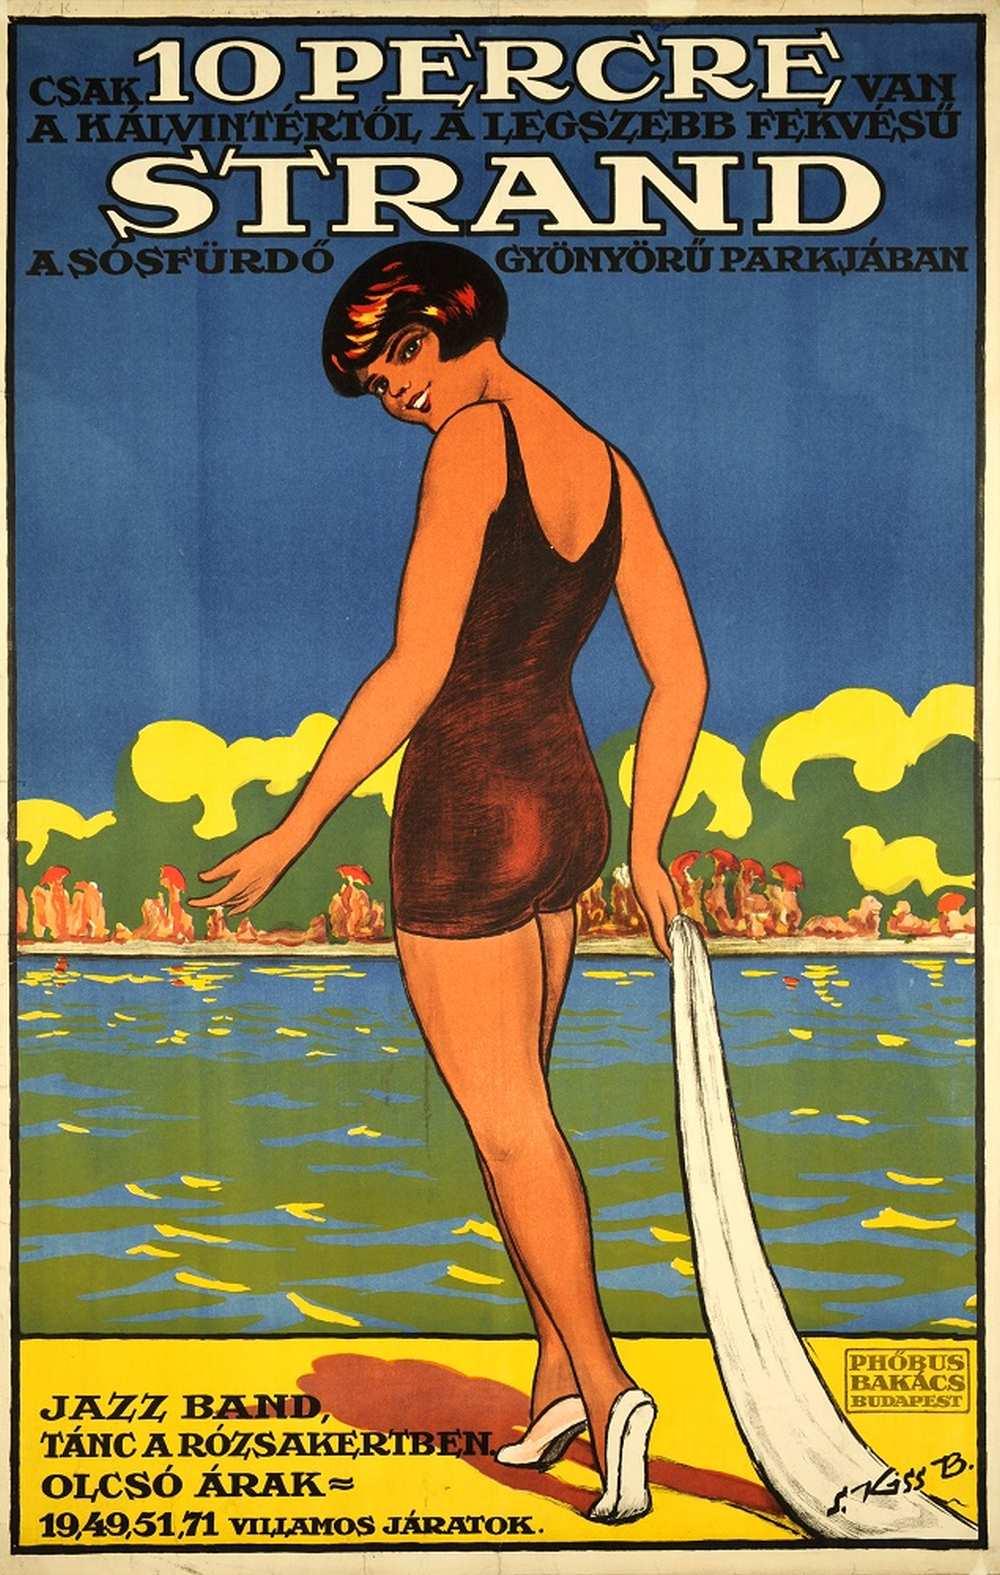 S. Kiss B.: Csak 10 percre van a Kálvintértől a legszebb fekvésű strand a sósfürdő gyönyörű parkjában (1926). Jelzet: PKG.1926/401 – Térkép-, Plakát- és Kisnyomtatványtár http://nektar.oszk.hu/hu/manifestation/2779946